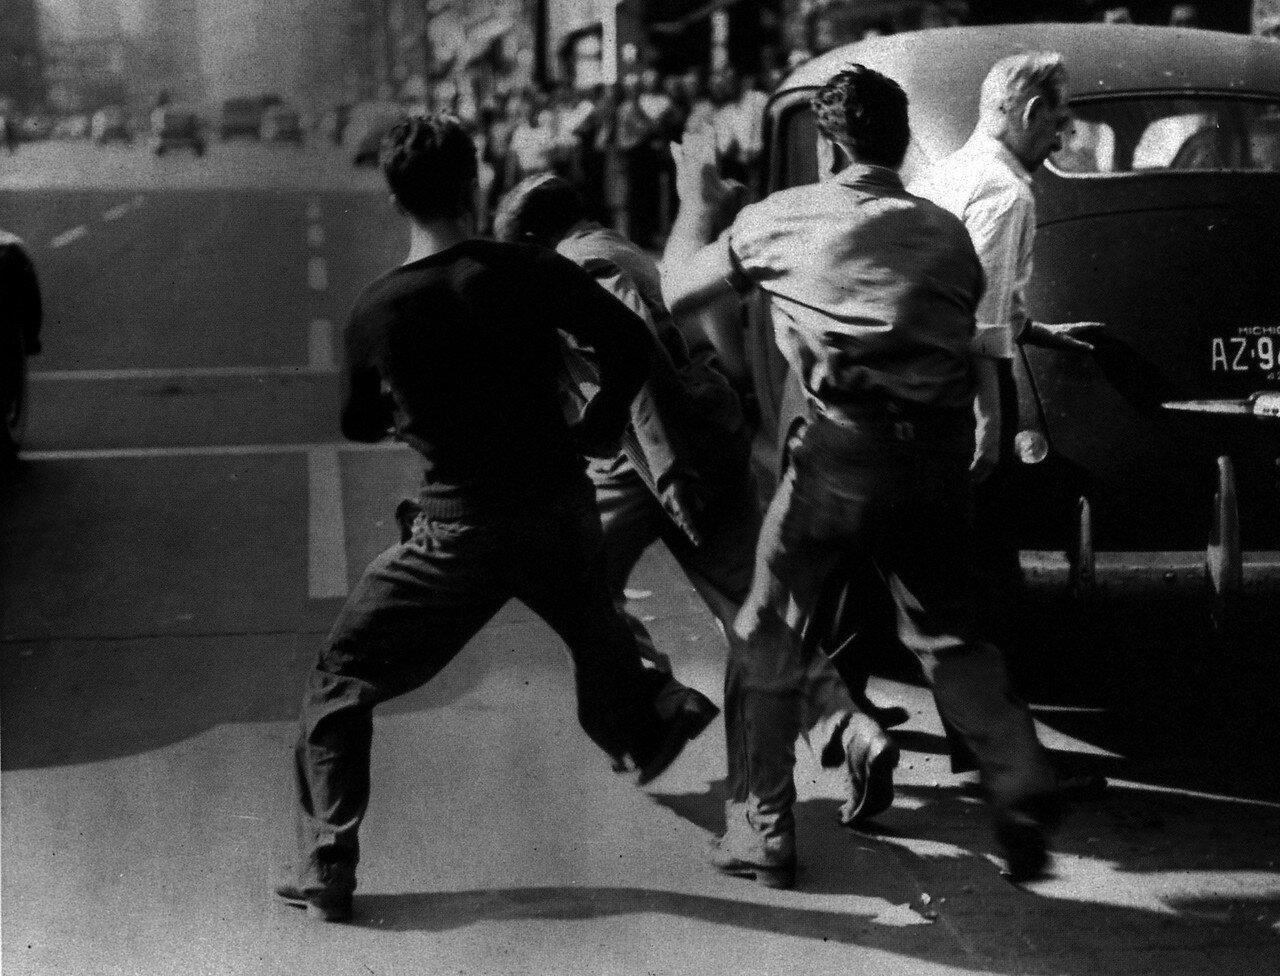 1943. 20 июня. Расовые бунты в Детройте. 25 убитых негров